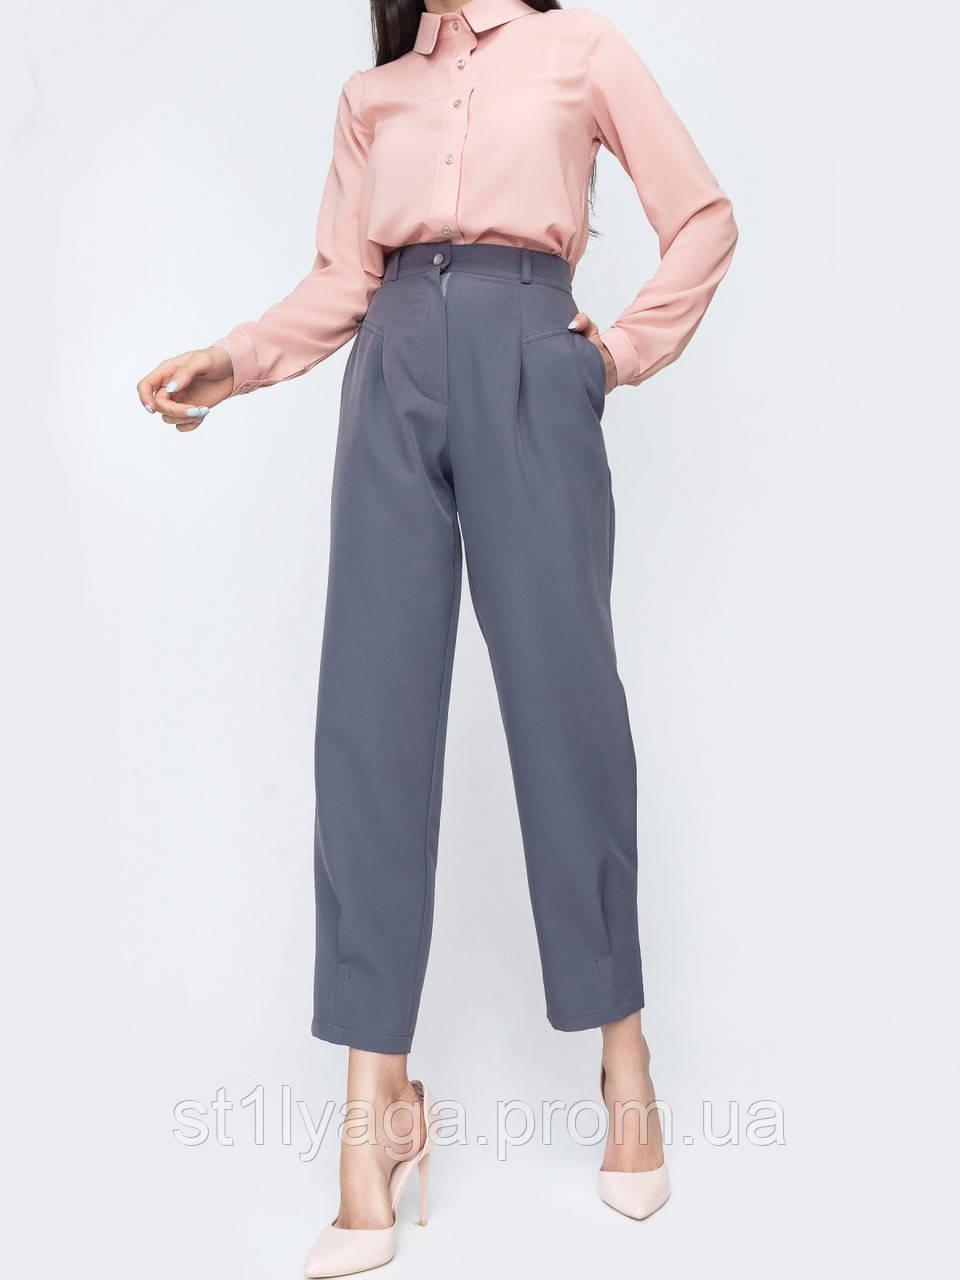 S,M,L Короткие брюки с высокой посадкой